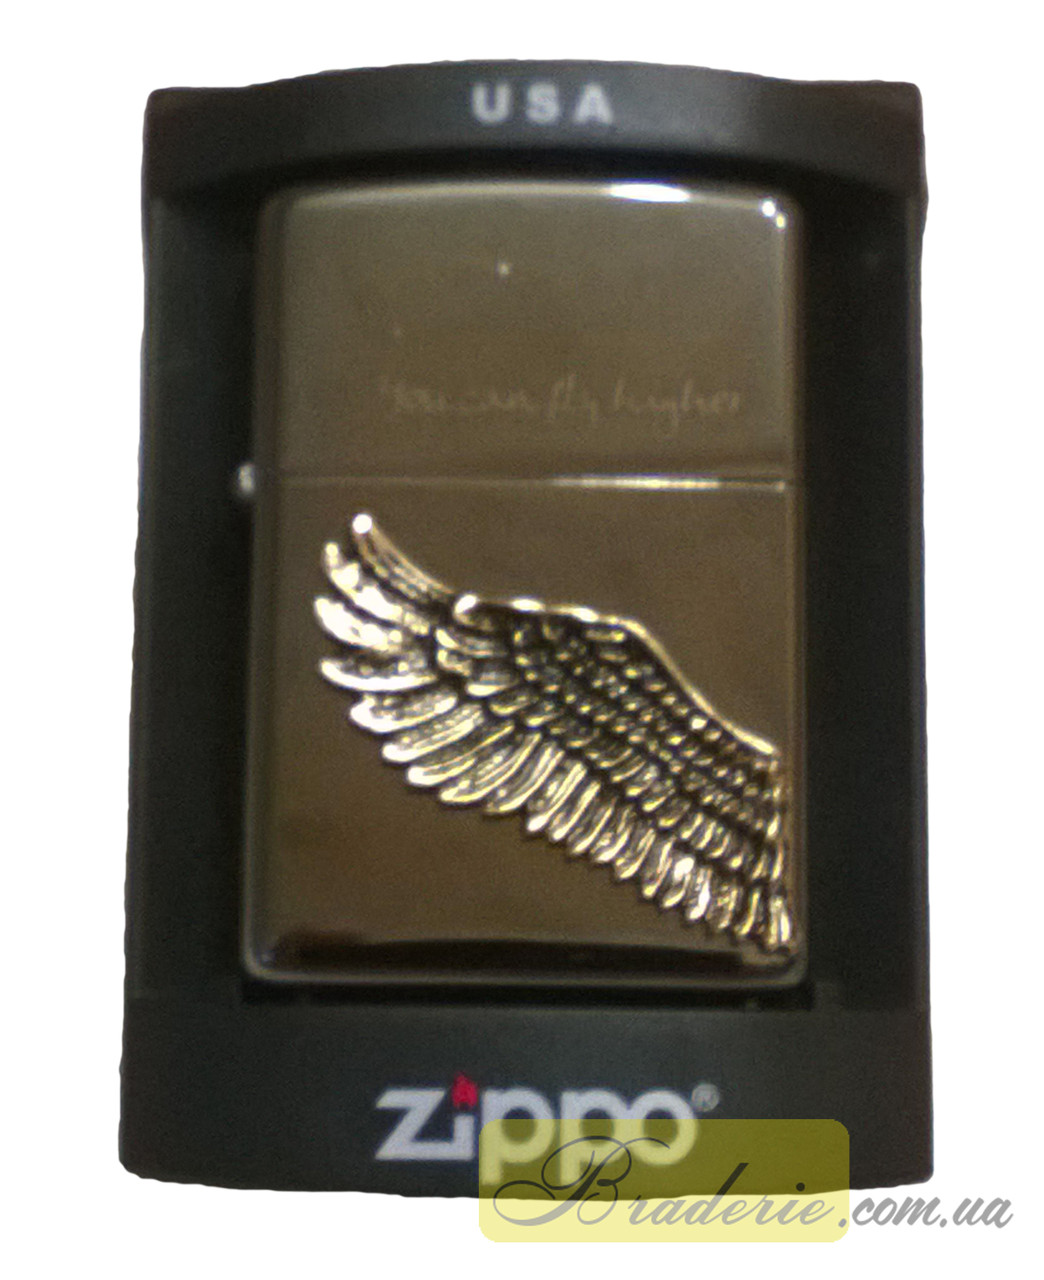 Зажигалка Zippo 4209